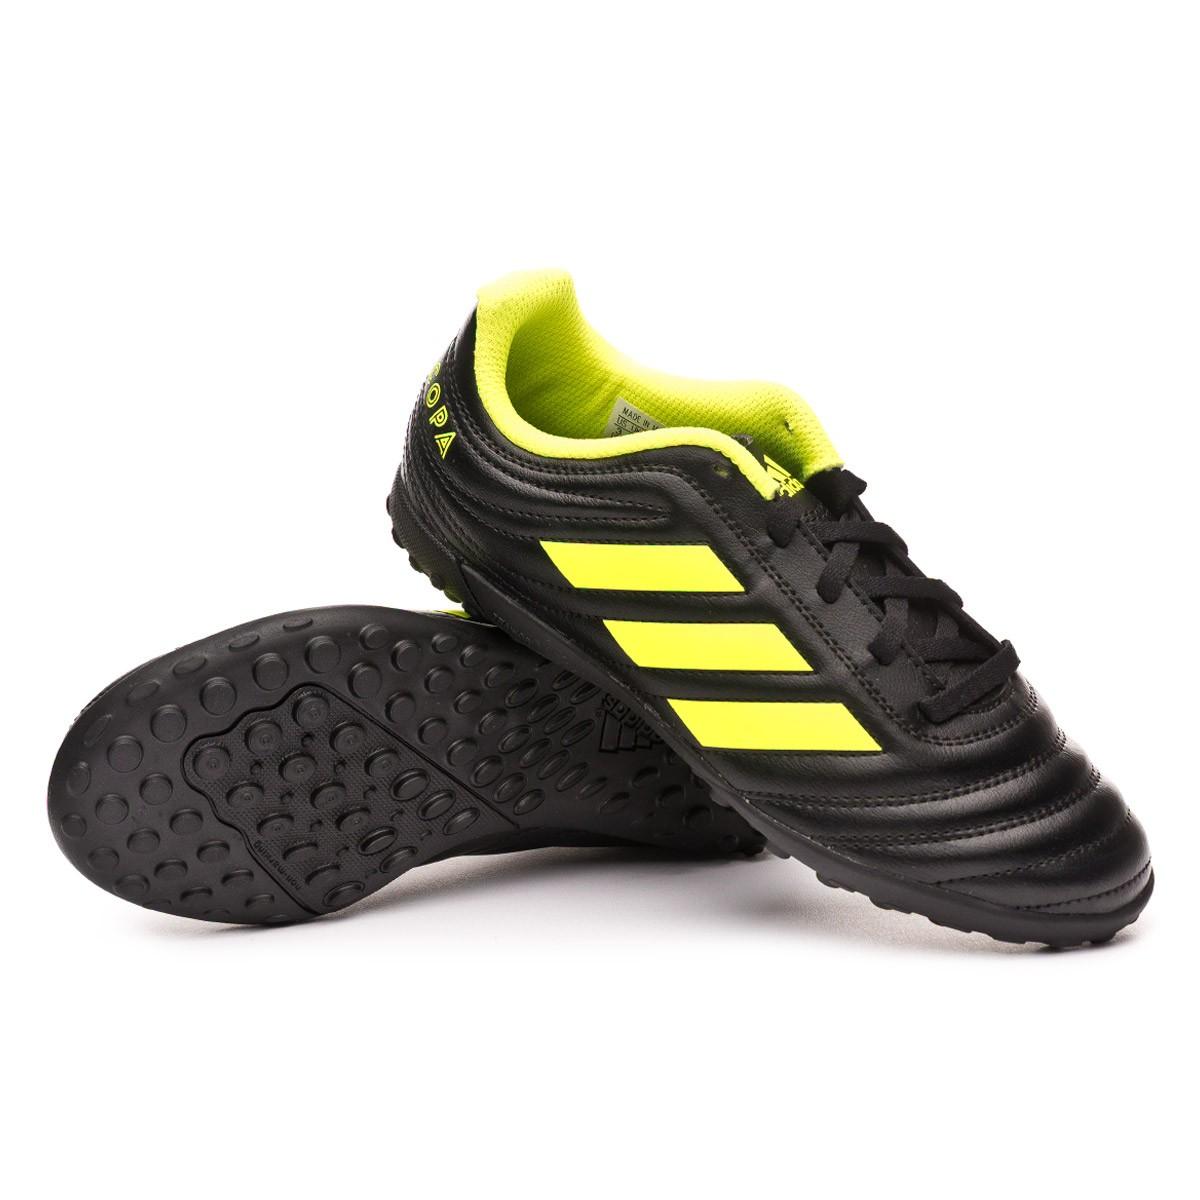 Scarpe adidas Copa 19.4 Turf Junior